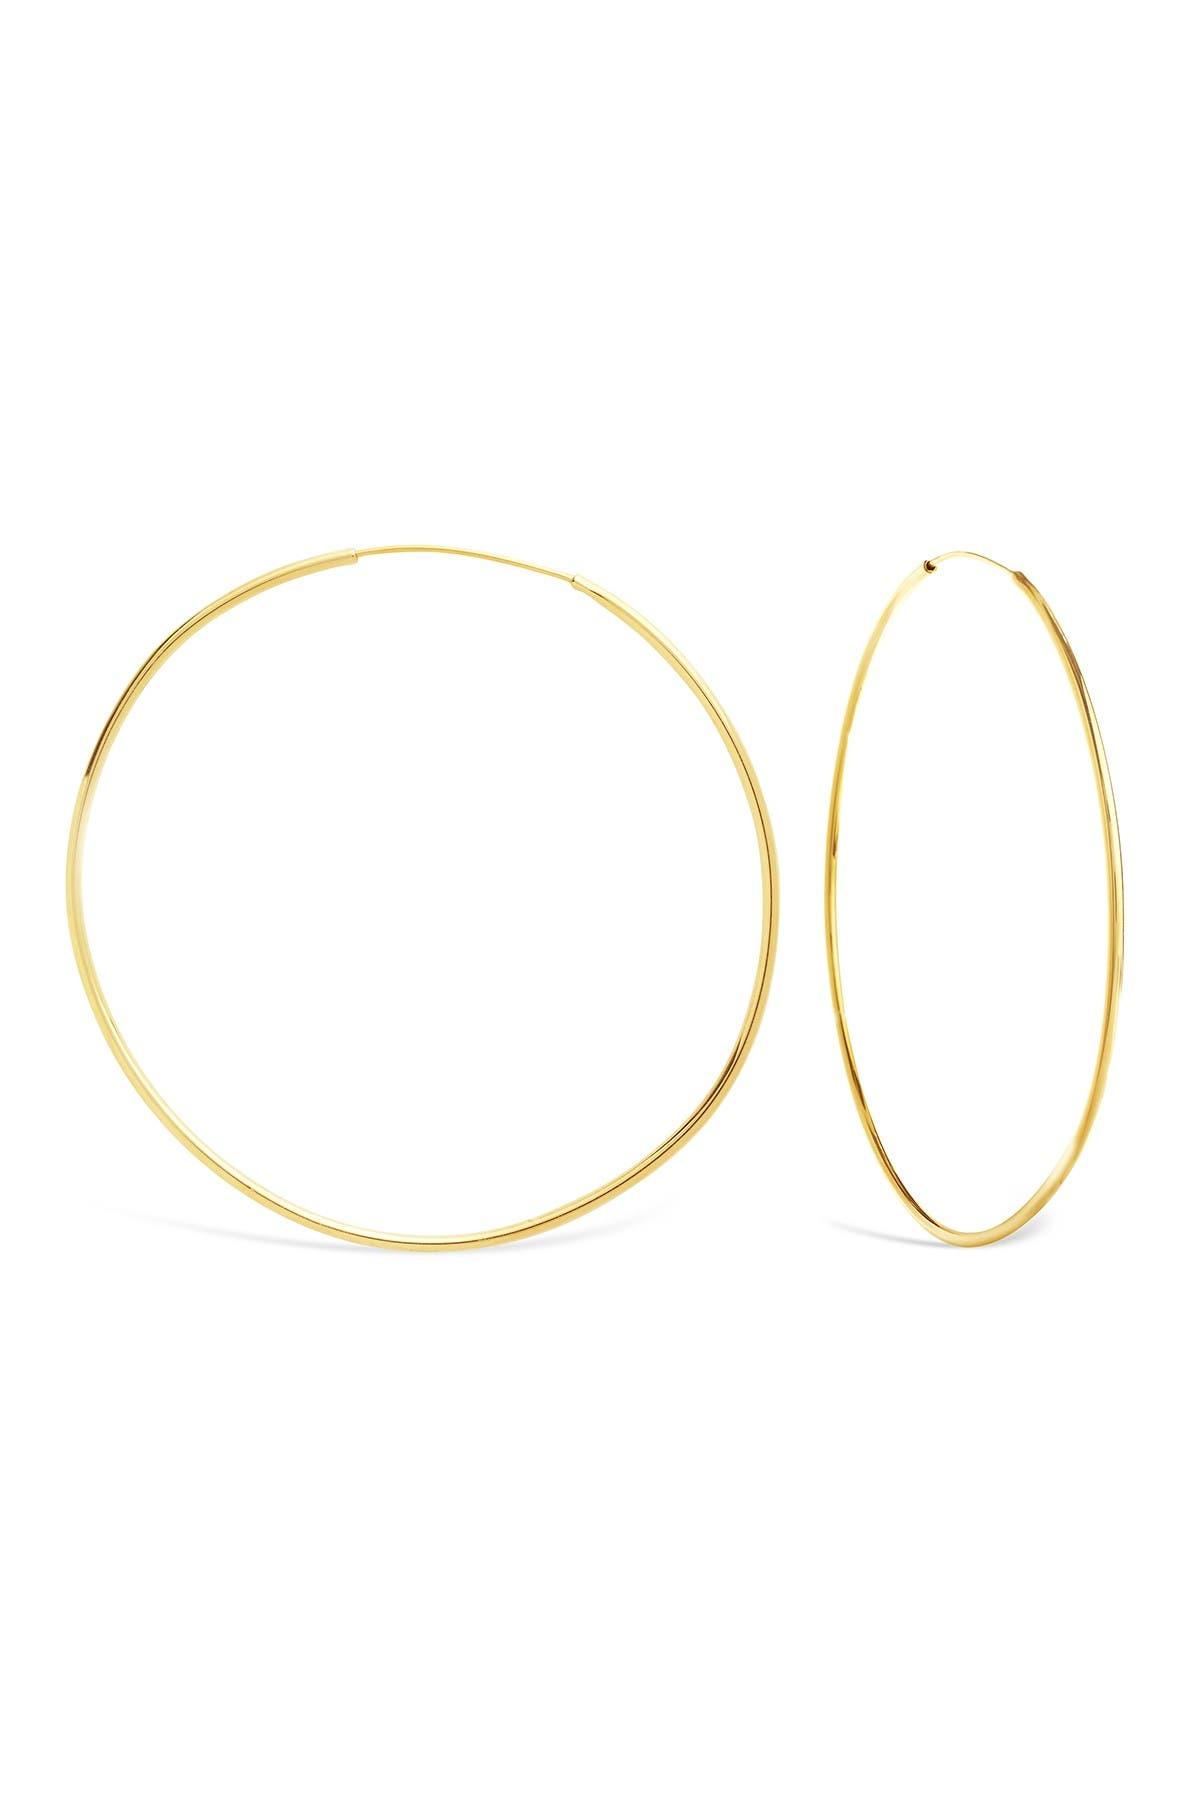 Image of Sterling Forever 68mm Shiny Finish Hoop Earrings